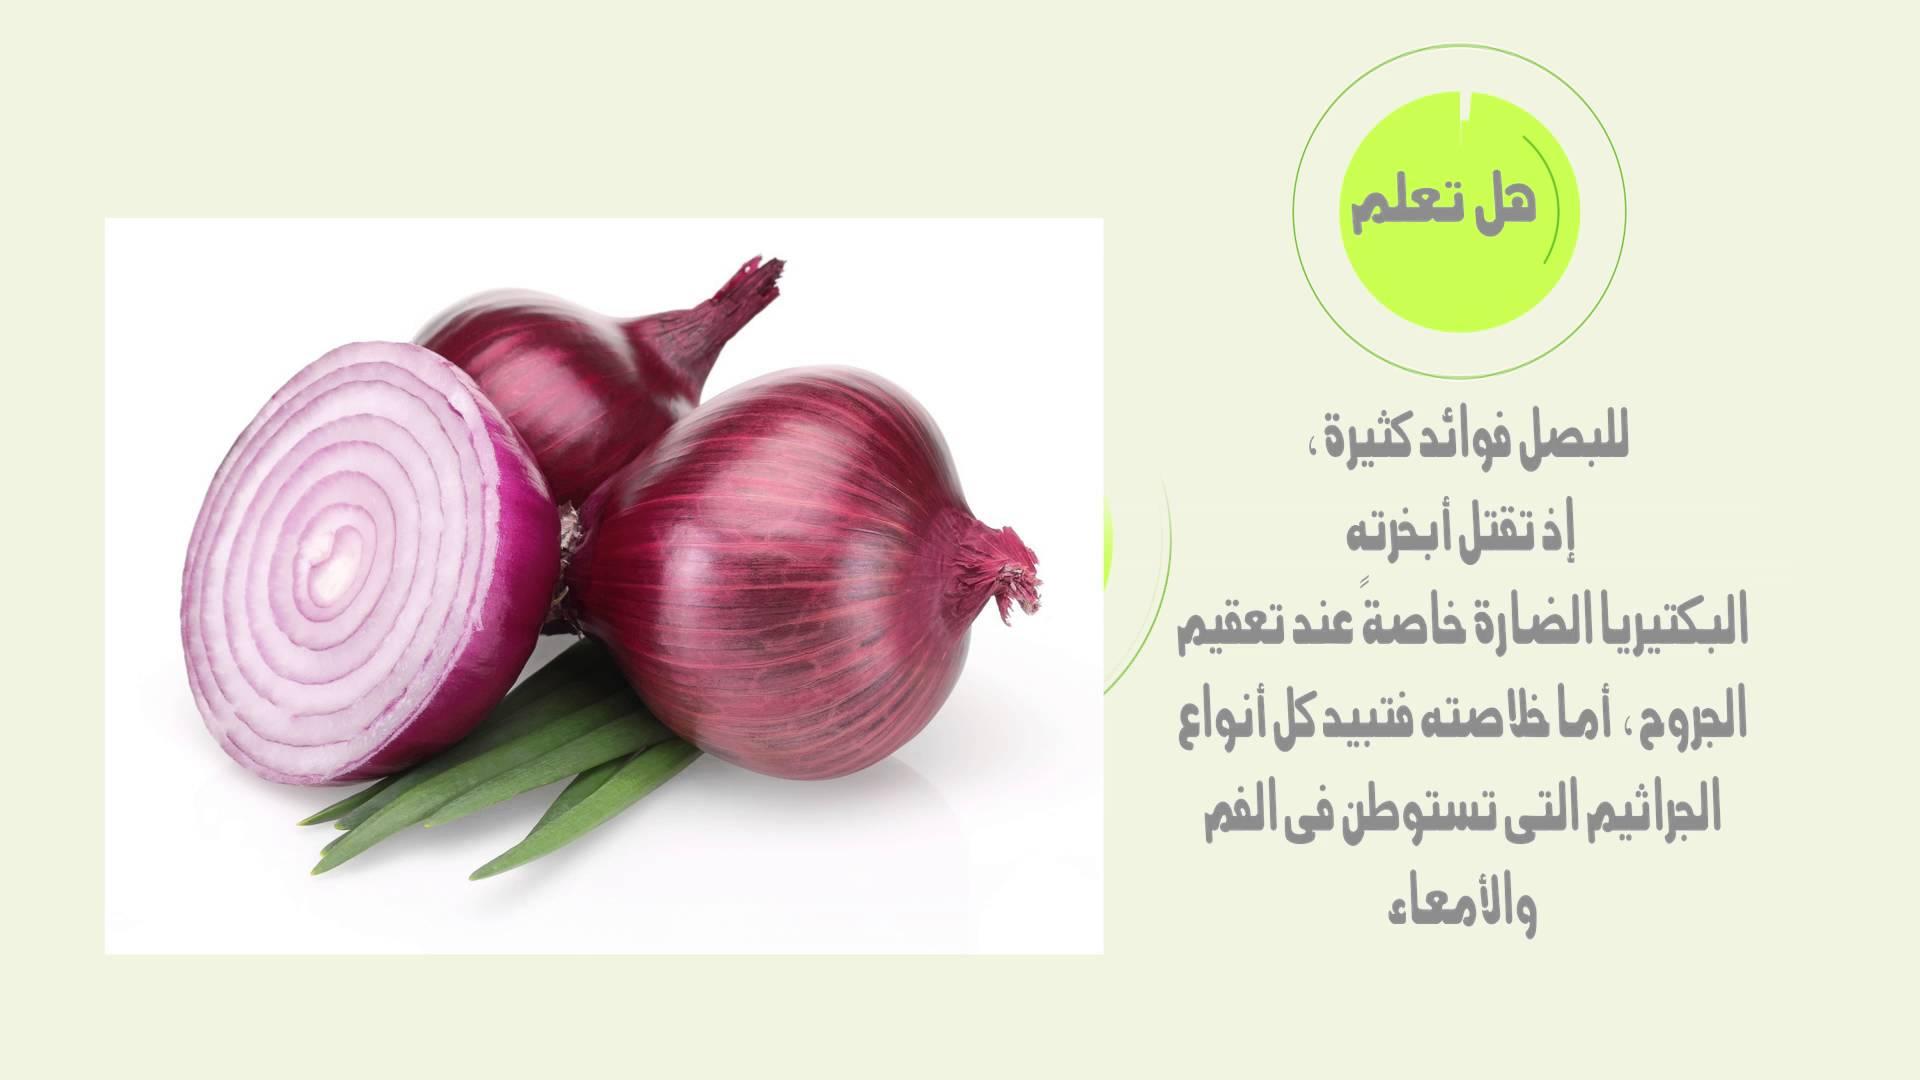 صوره فوائد البصل , تعرفى على فوائد البصل